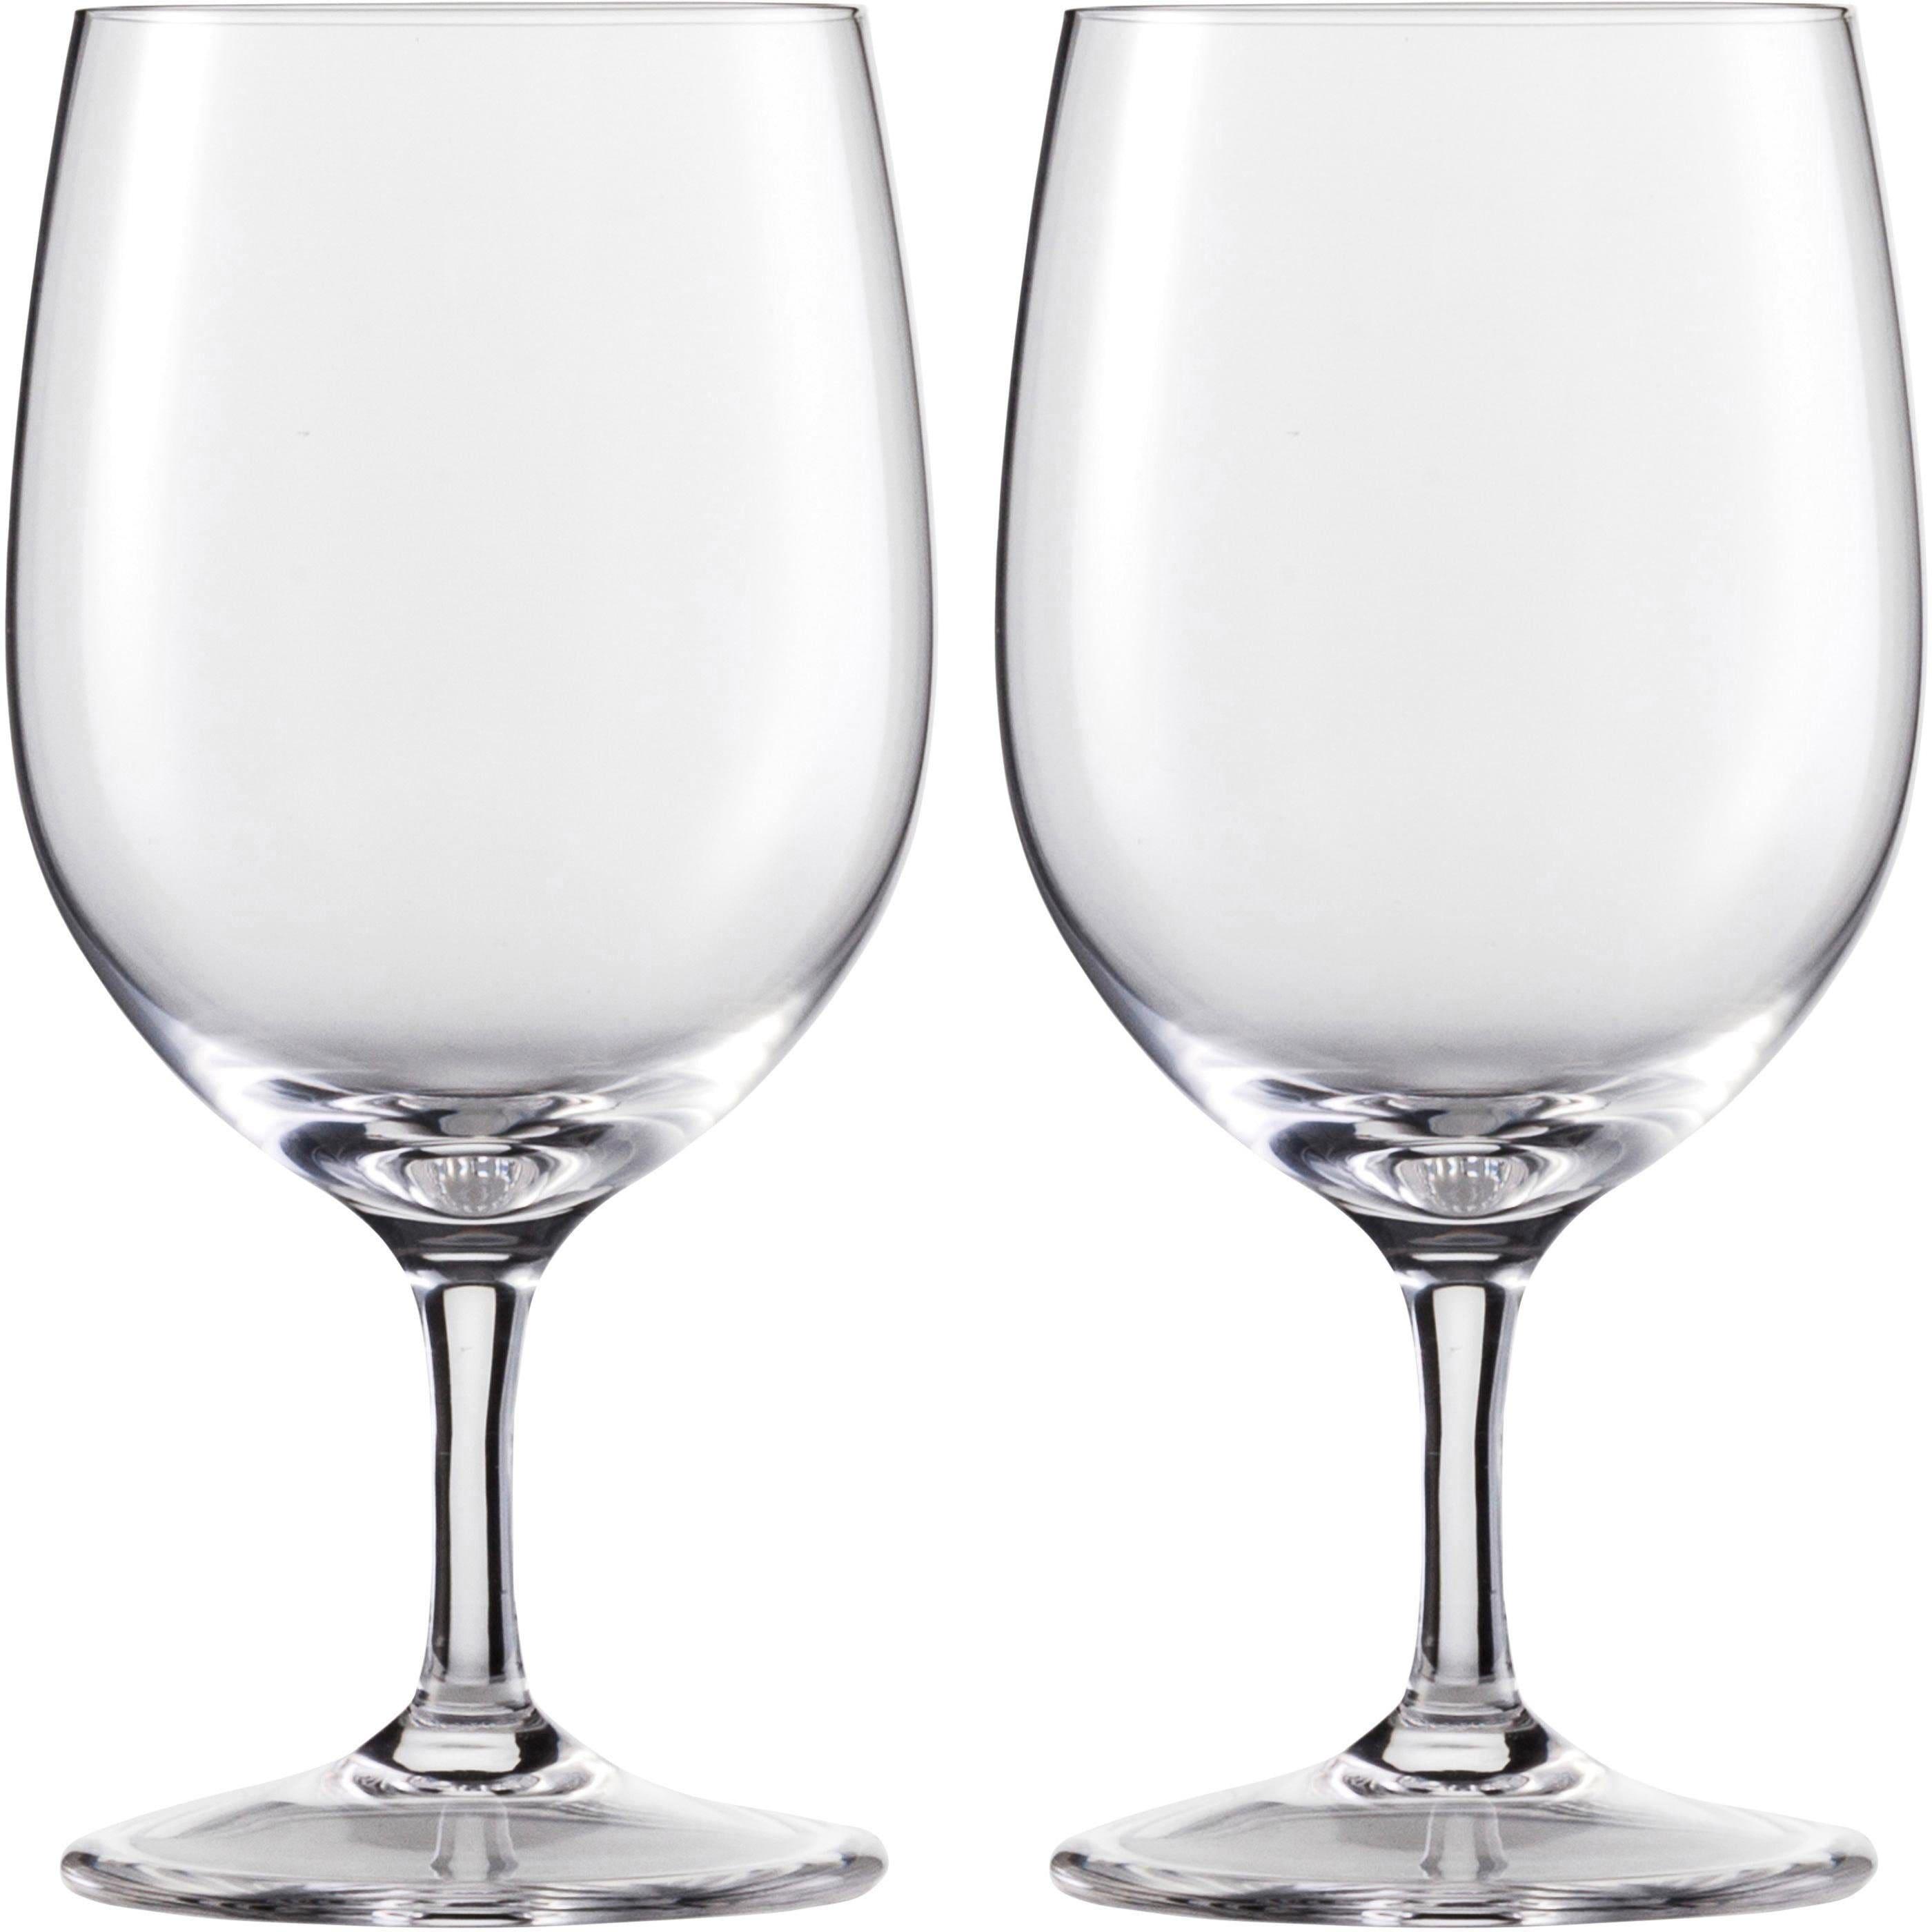 Eisch Glas Jeunesse, (Set, 2 tlg.), (Wasserglas), bleifrei, 230 ml, 2-teilig farblos Kristallgläser Gläser Glaswaren Haushaltswaren